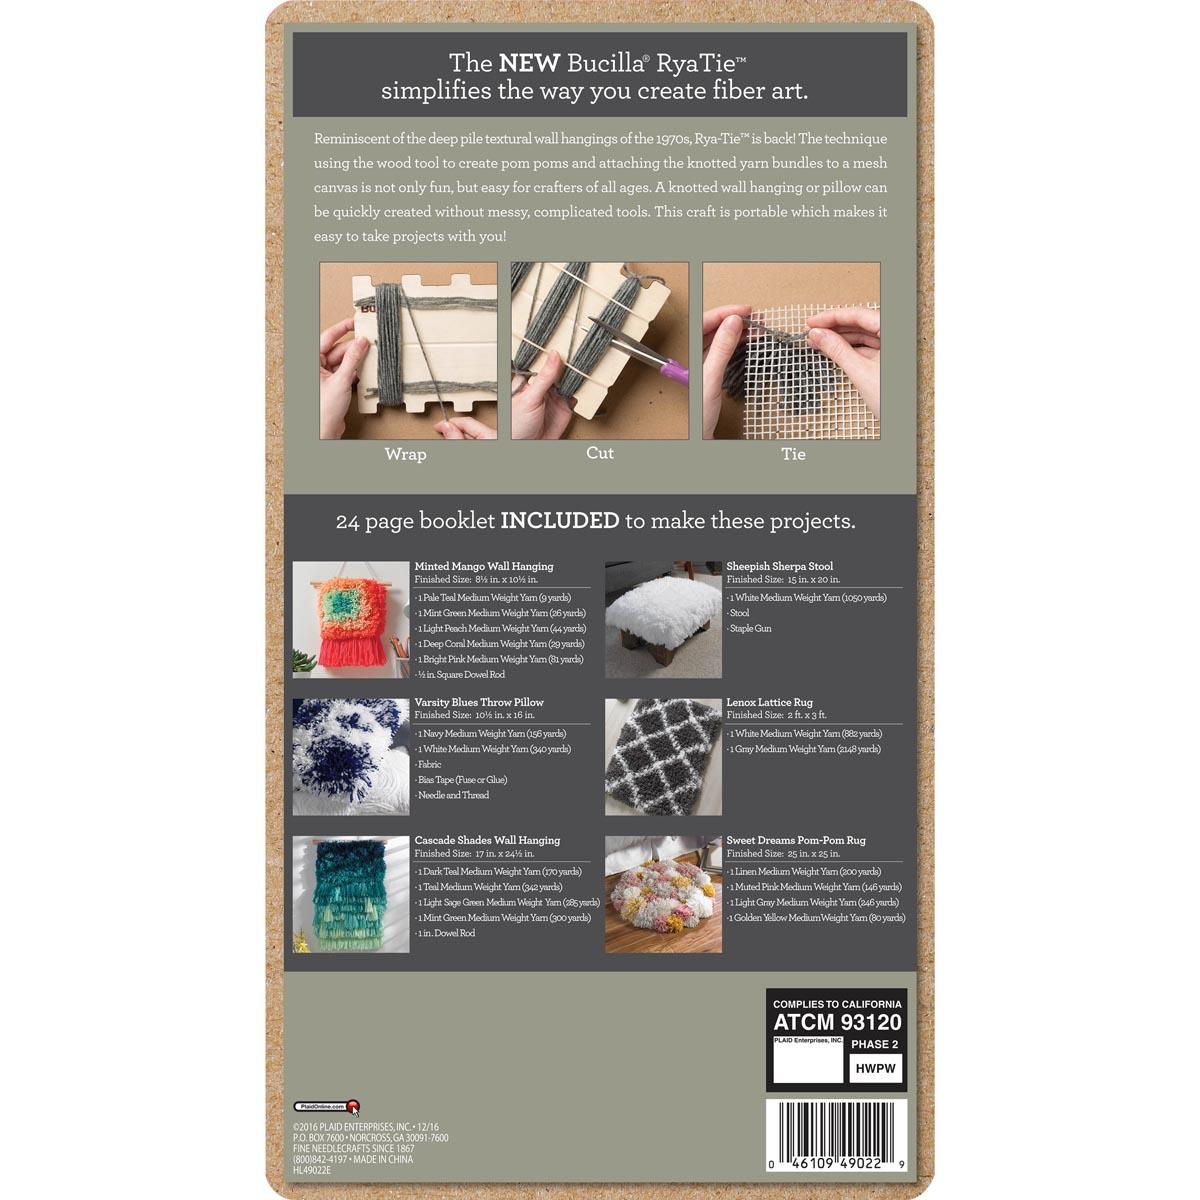 Bucilla ® RyaTie™ Tool Kit - 49022E